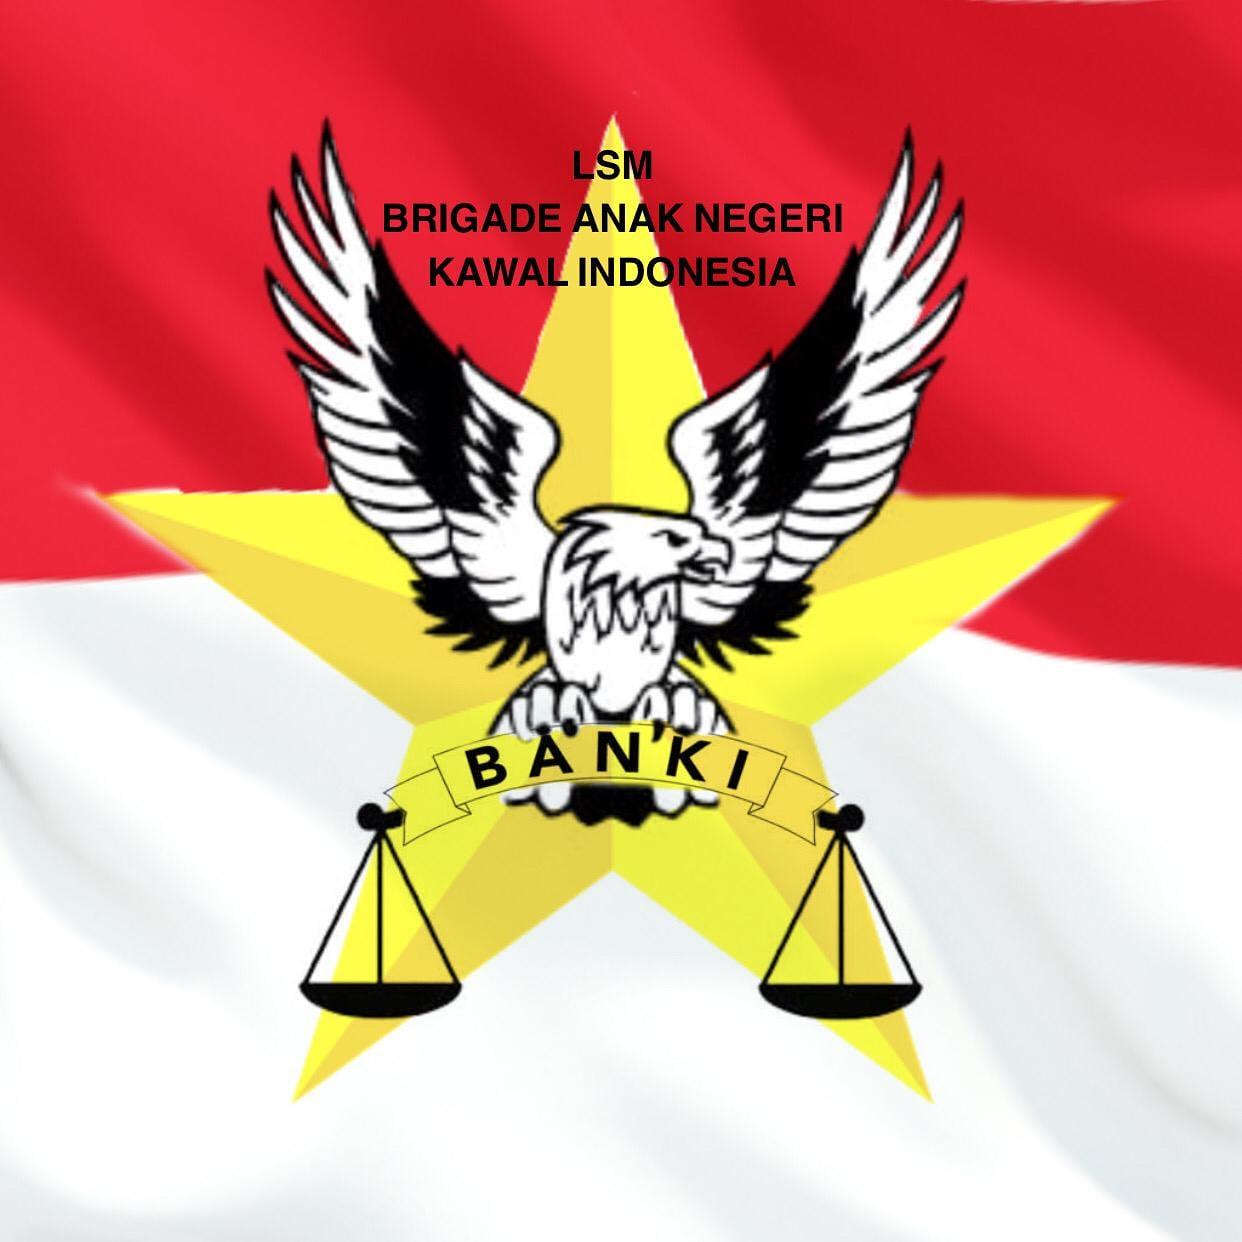 Resmi Terbentuk, Duet M.Ismail-Randy Nahkodai DPP LSM BANKI